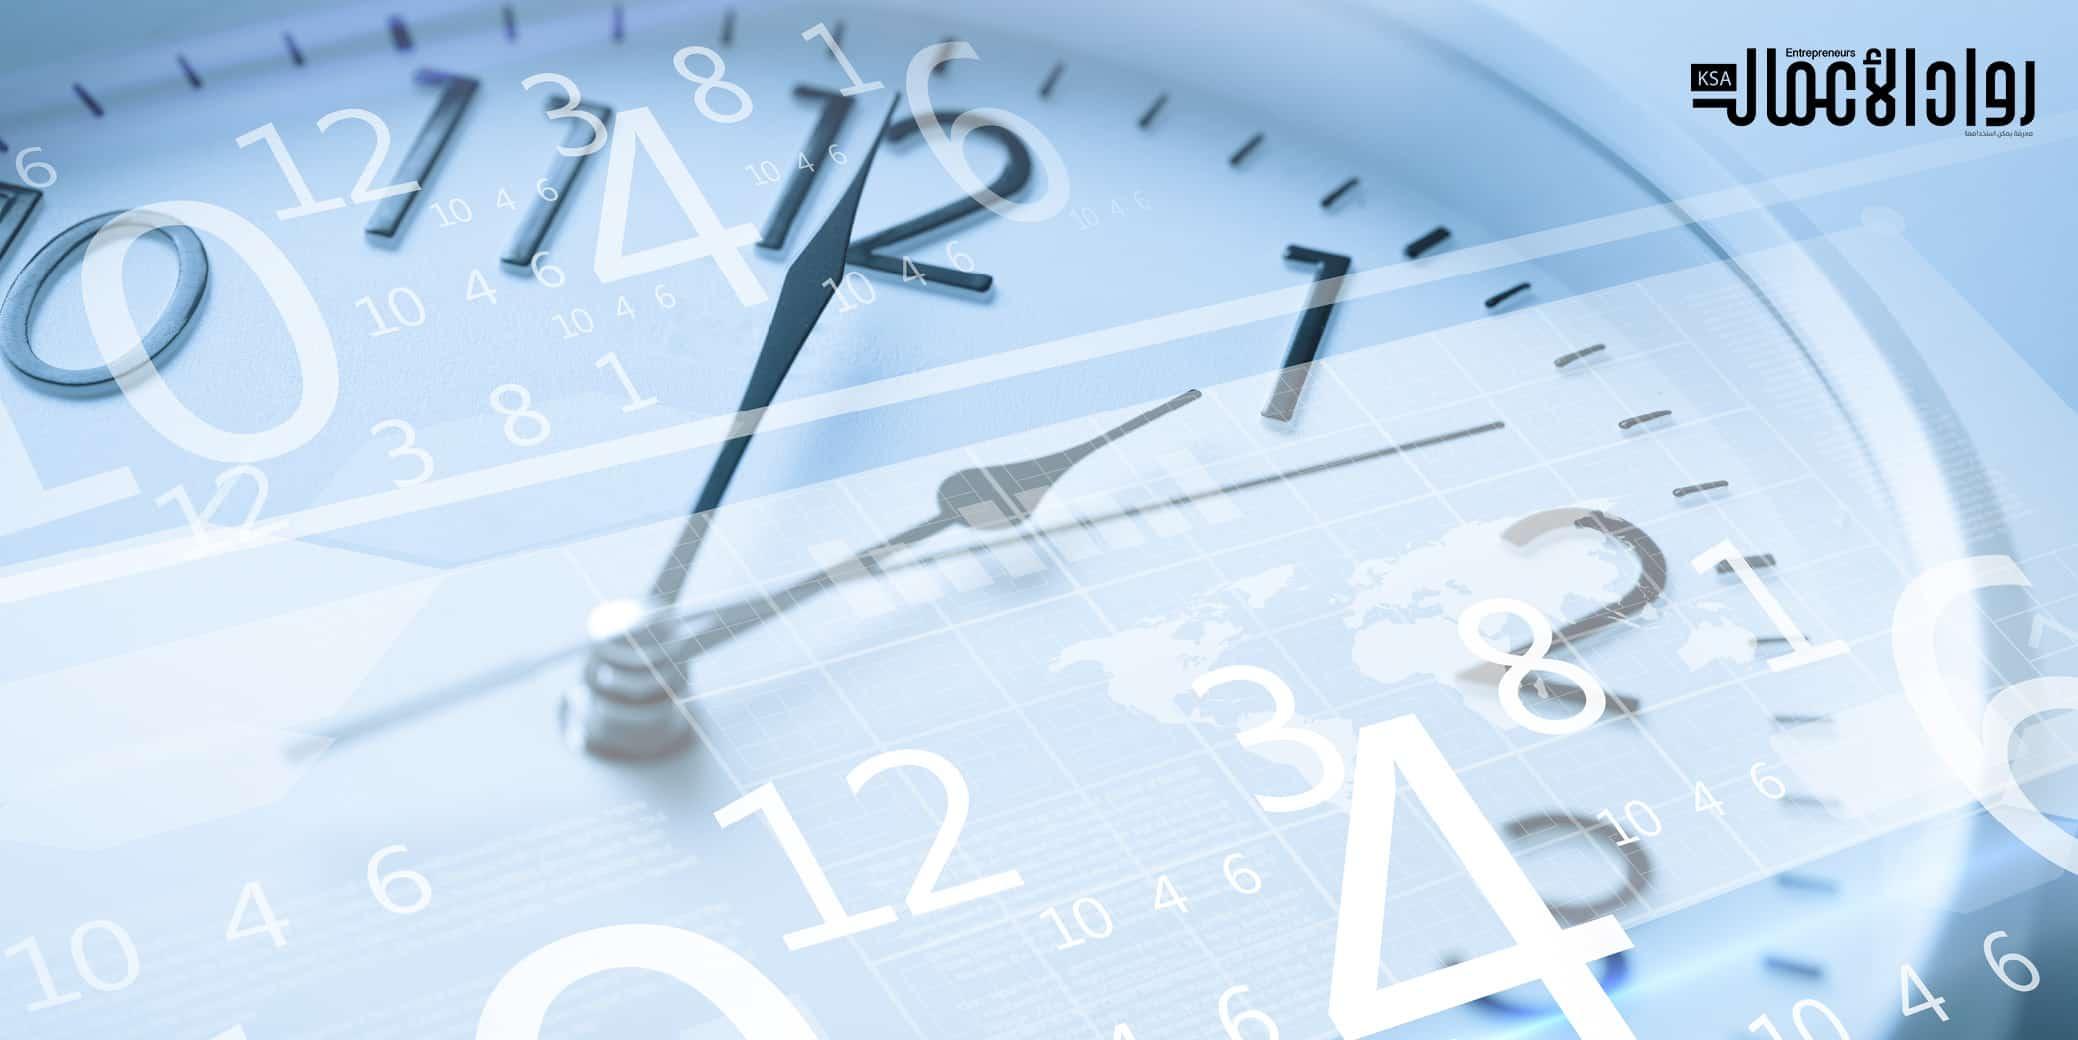 تنظيم الوقت خلال الأزمات